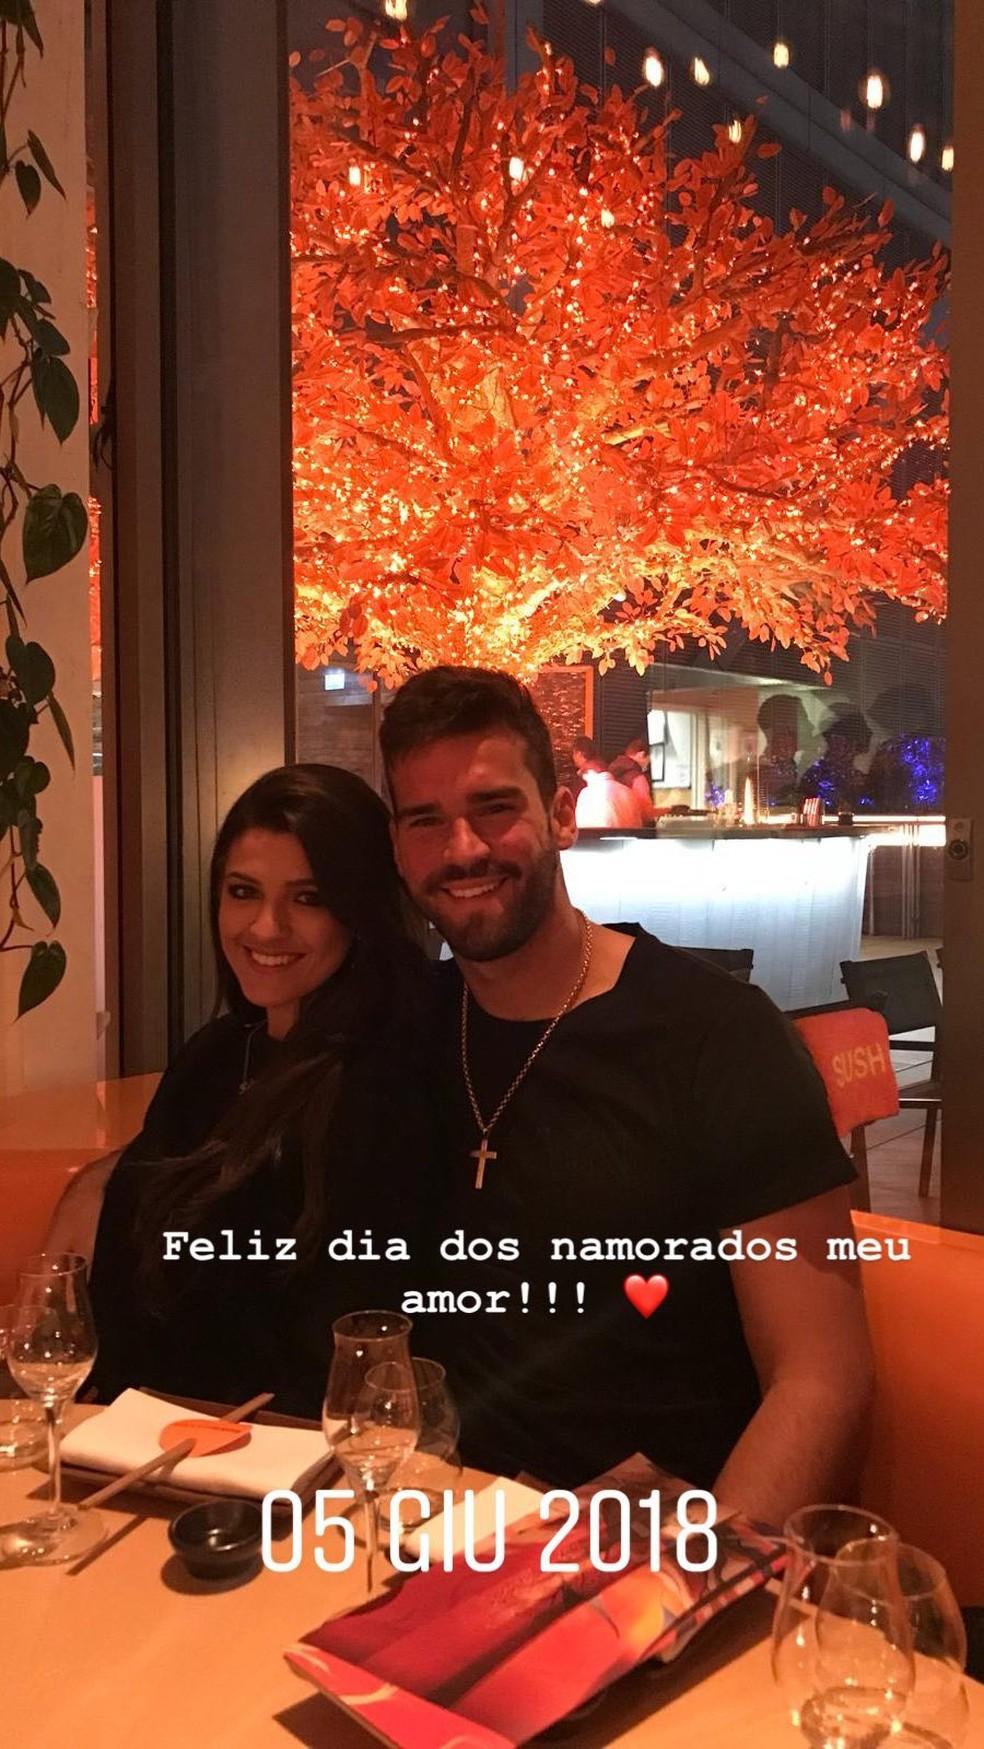 Alisson homenageia namorada nas redes sociais (Foto: Reprodução/Instagram)